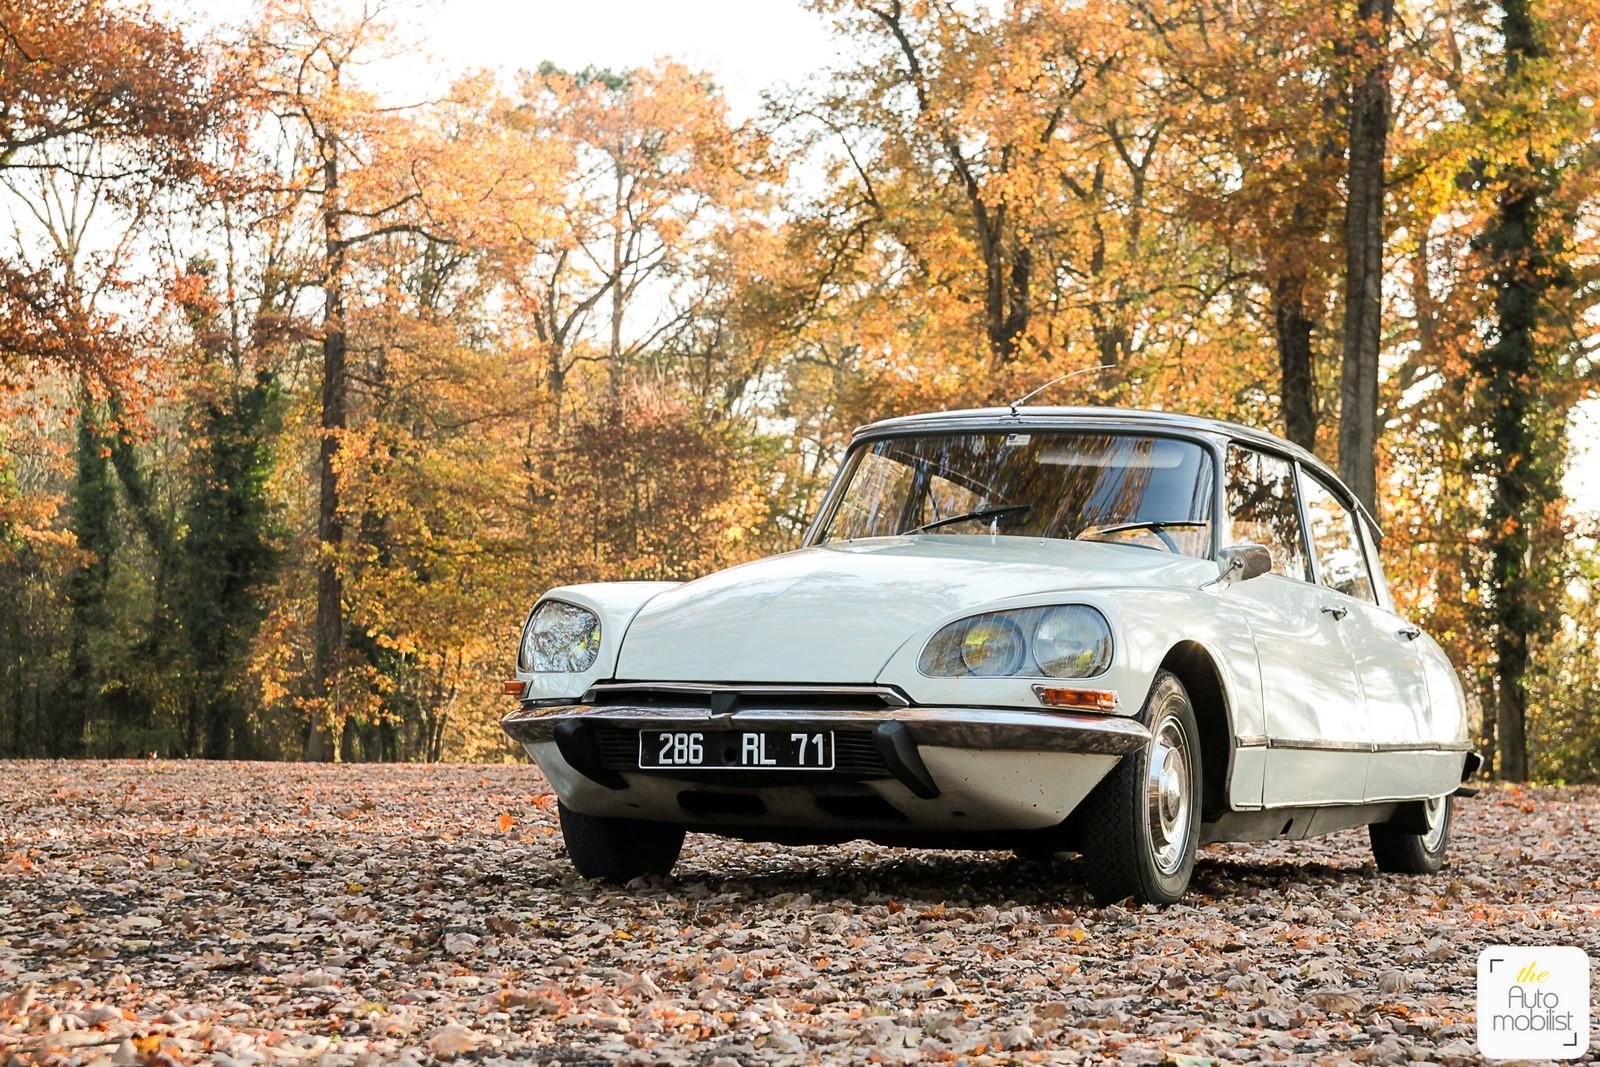 DS 20 Pallas 1969 AL The Automobilists 2018 12